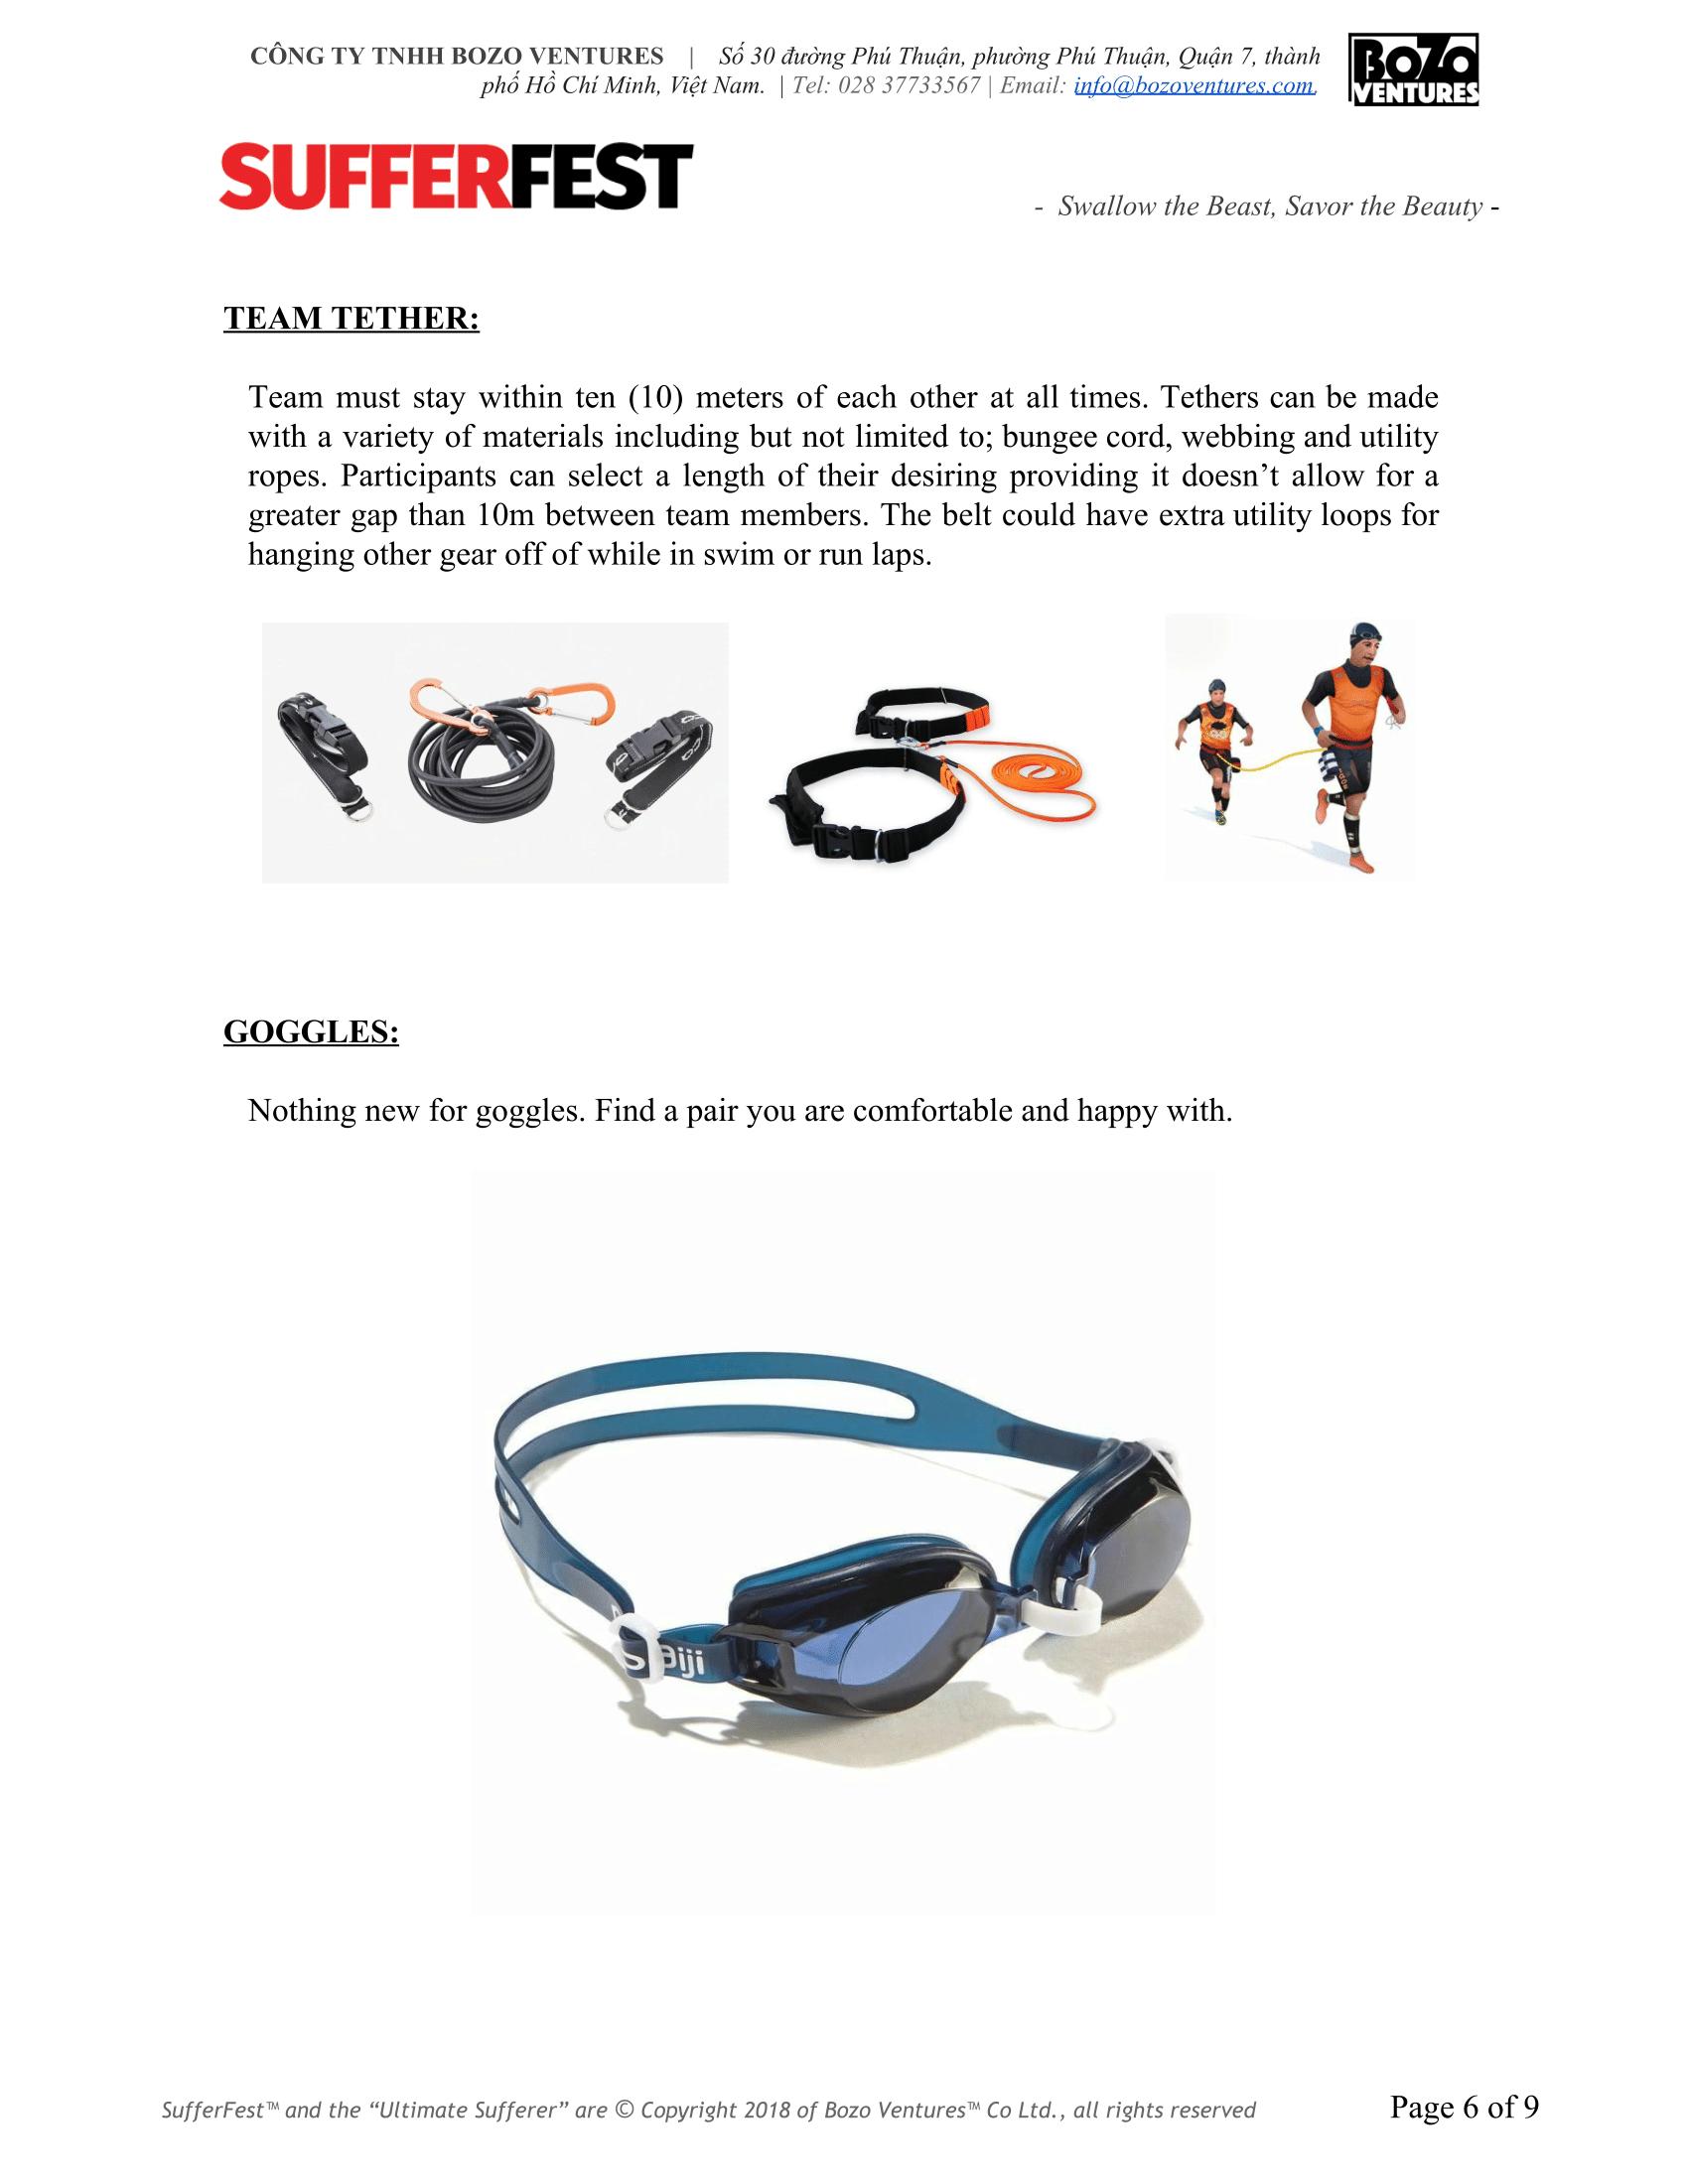 [ENG] SufferFest™ - SwimRun Gear Guide -6.png